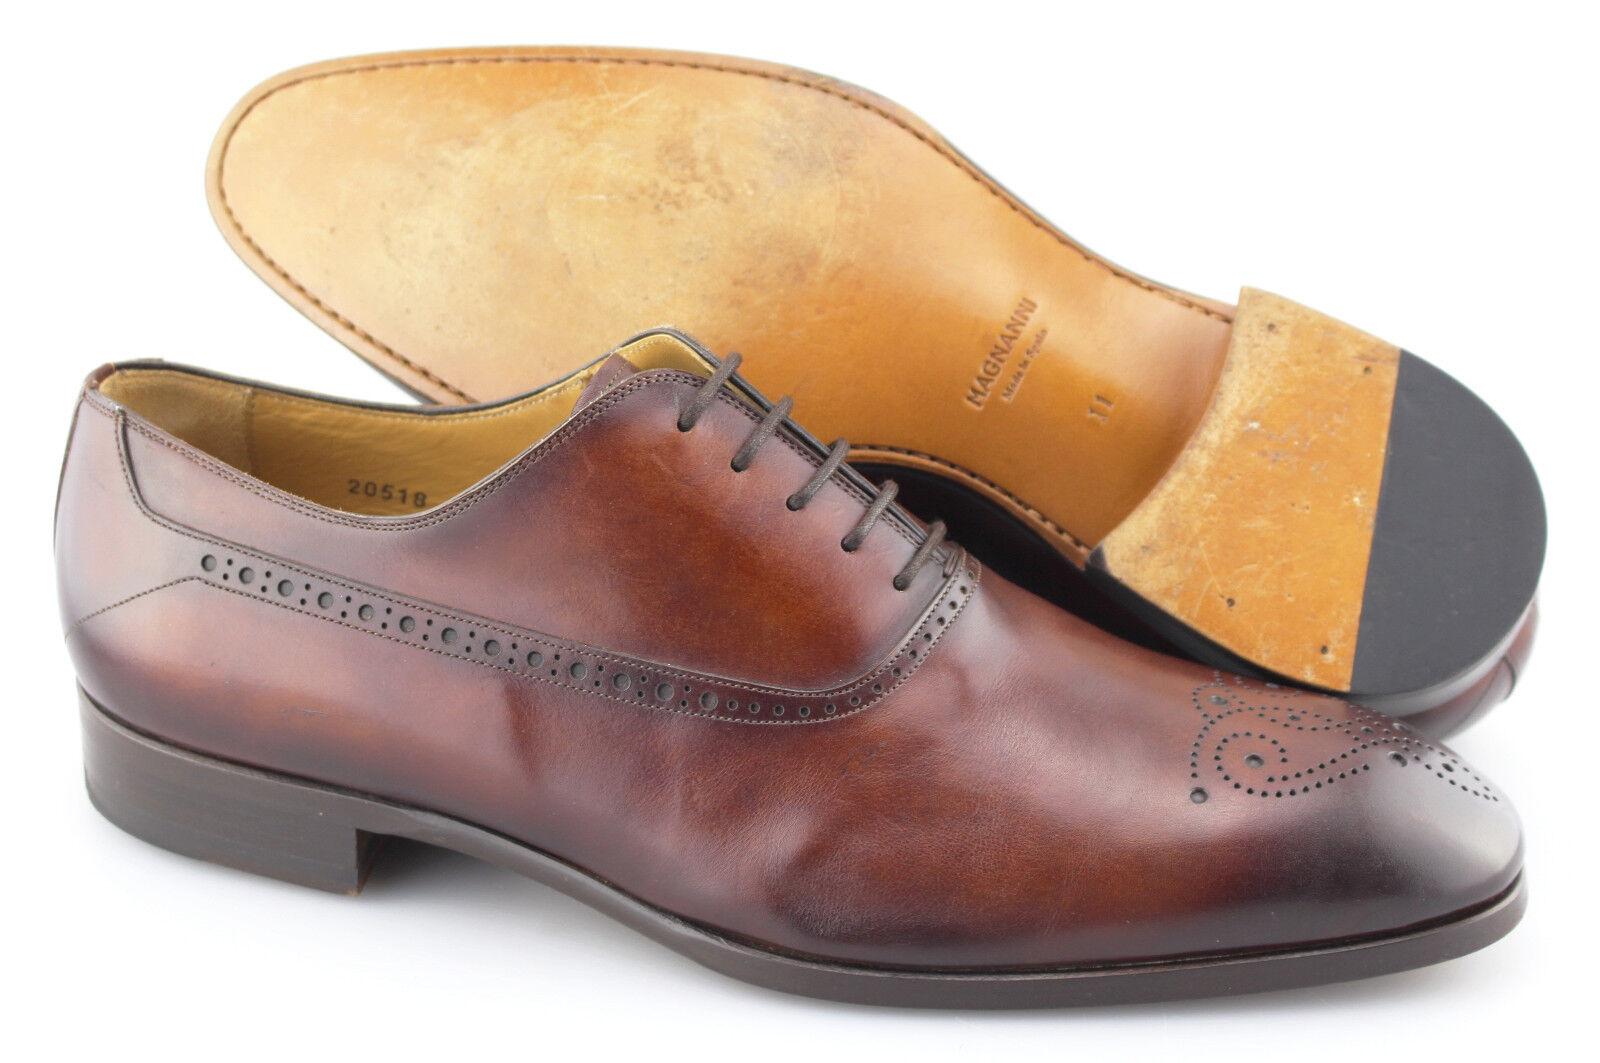 Men's MAGNANNI 'Manolo' Cognac Brown Leather Medallion Toe Oxfords Size US 11 -D